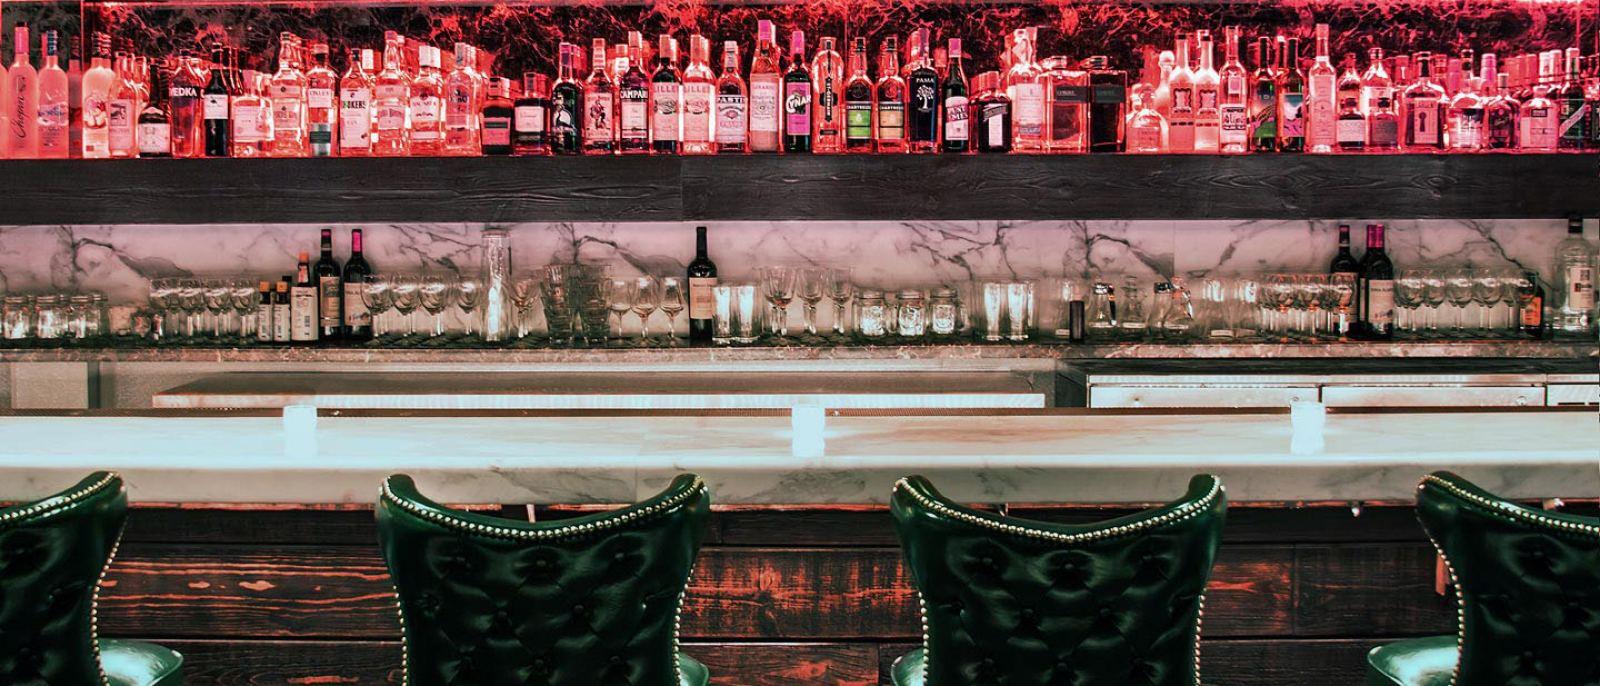 Bar at Lock & Key in Koreatown